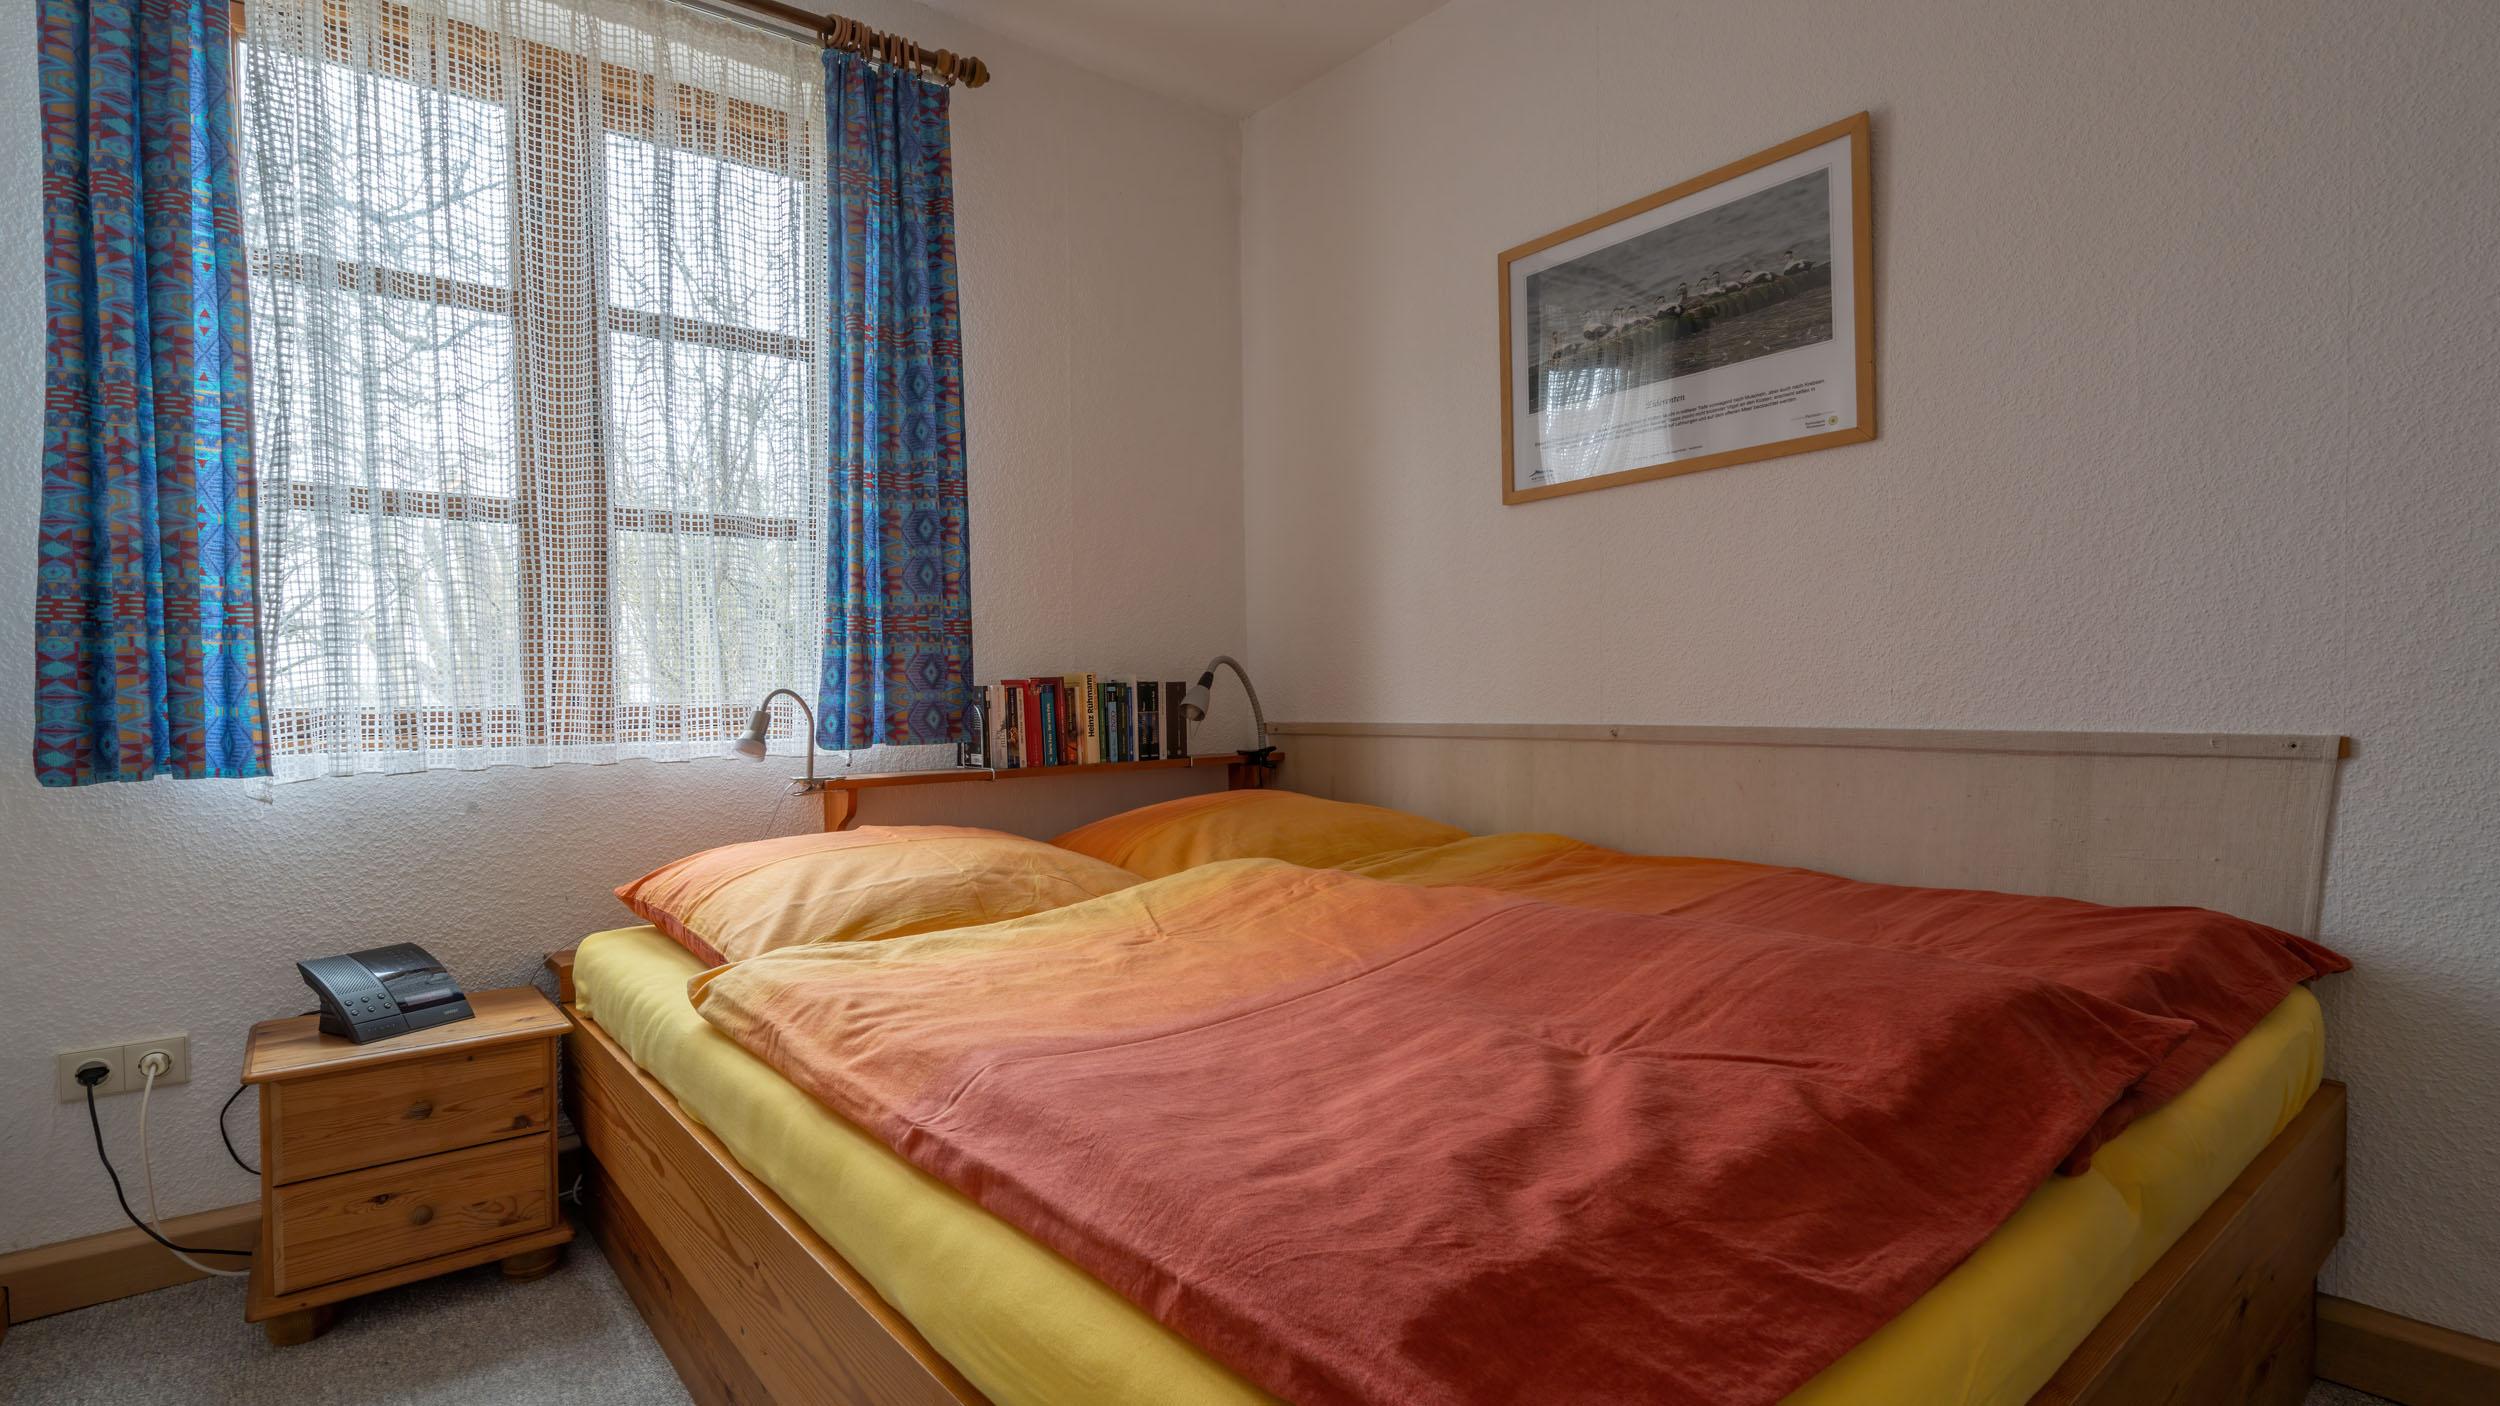 Eiderente-Schlafzimmer